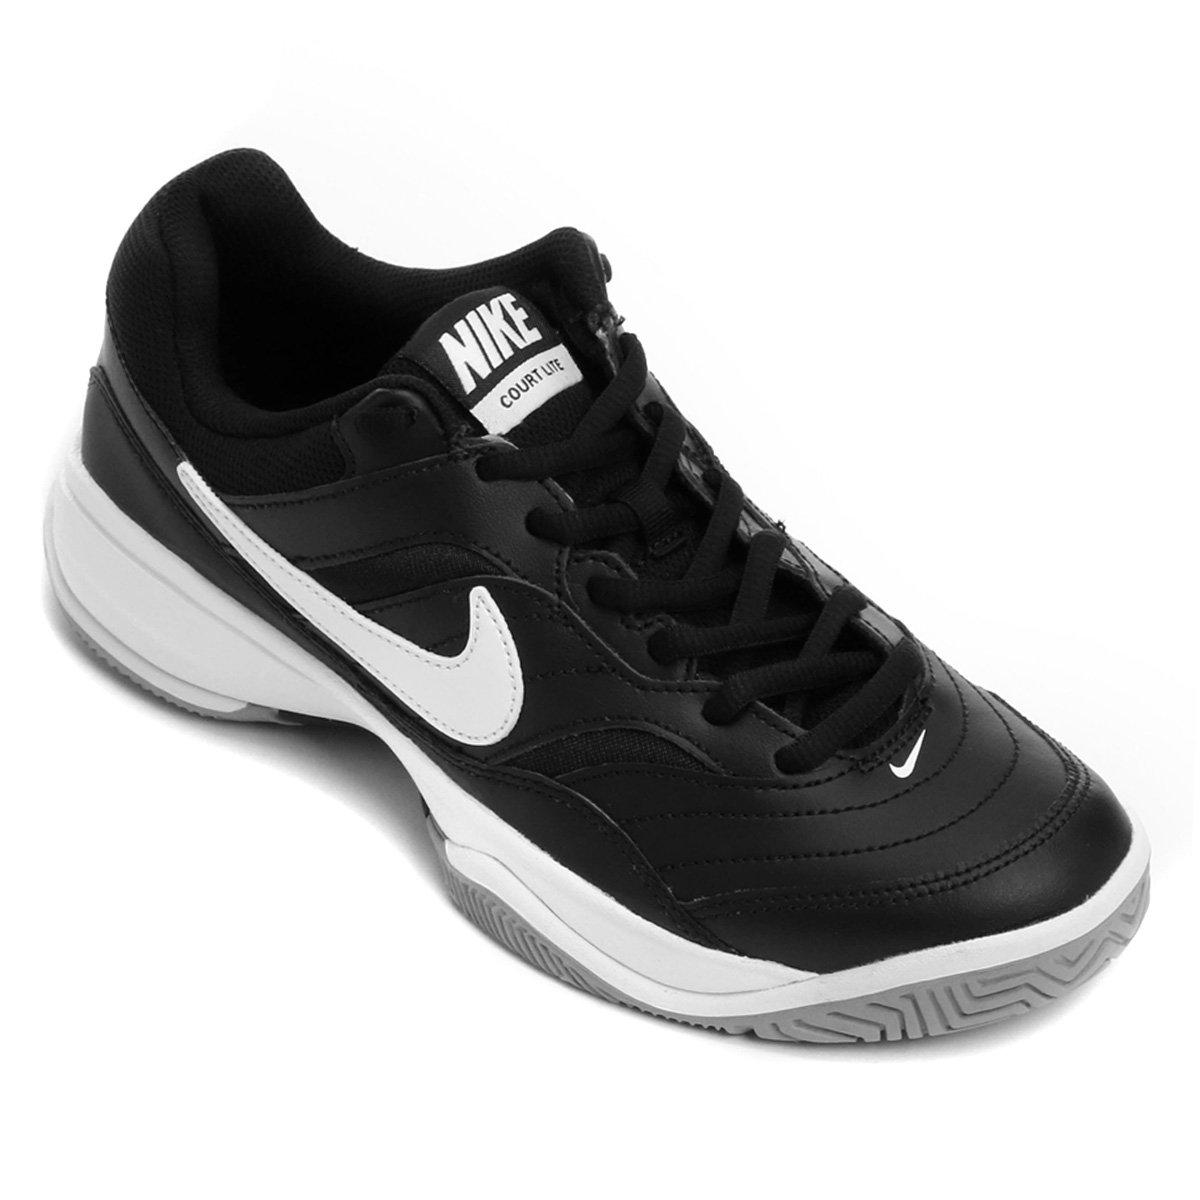 1ce252252f9 Tenis Nike Feminino Preto E Rosa Cano Alto - naturallycurlye.com